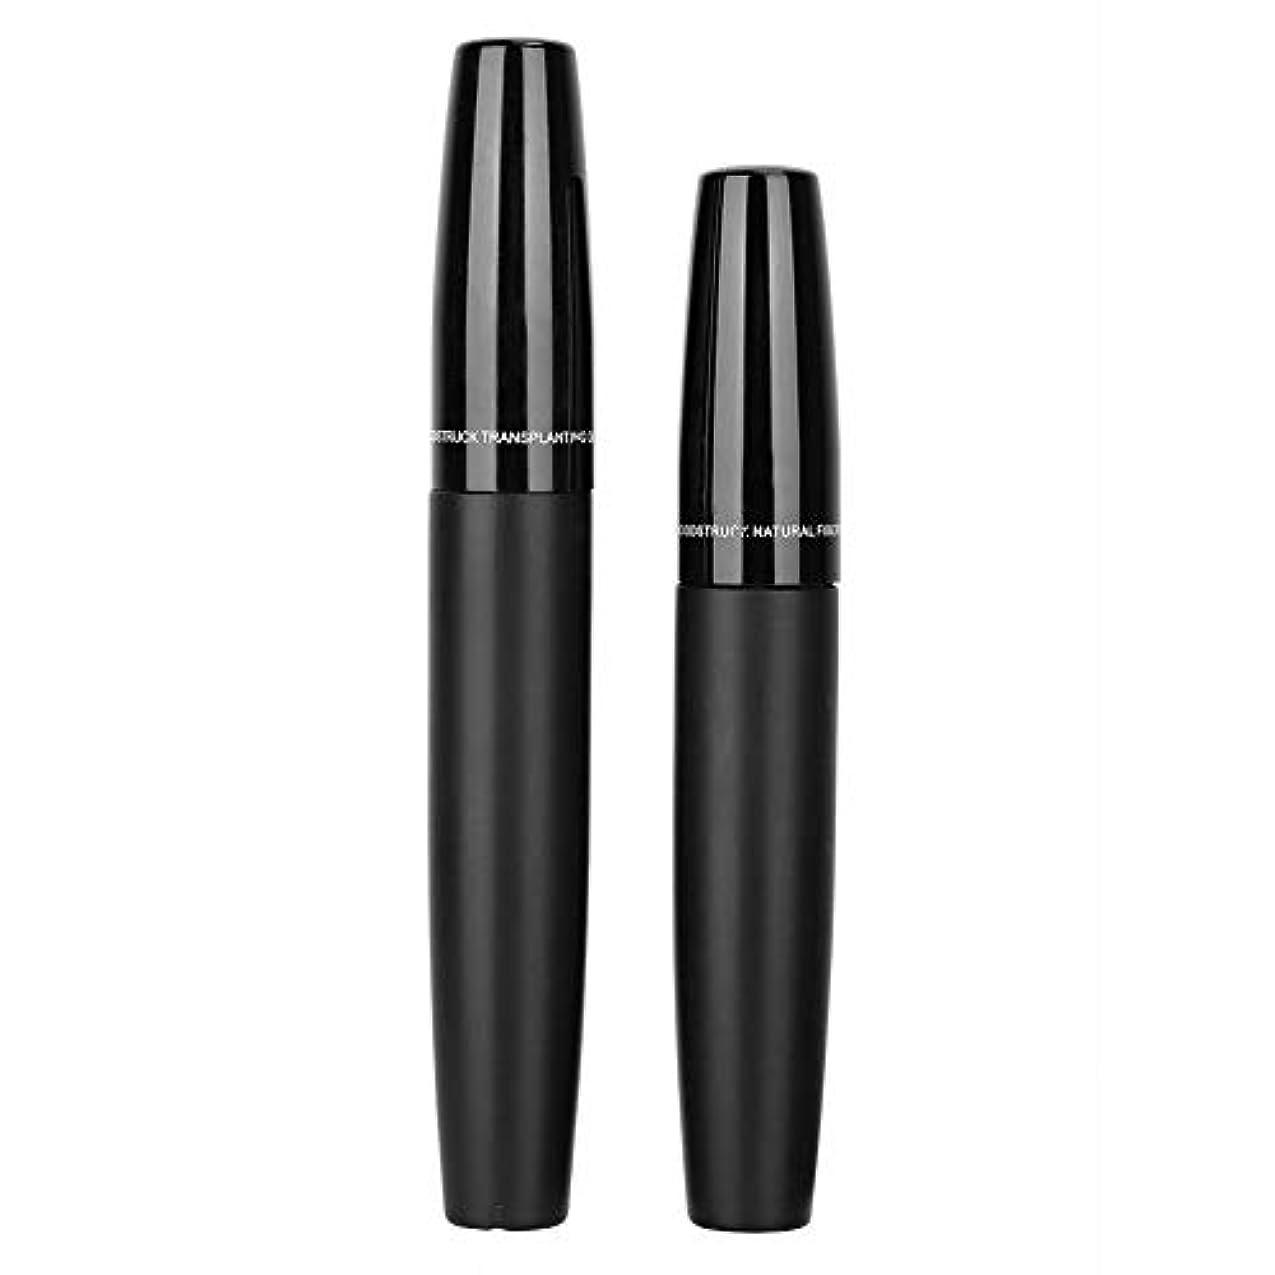 一目真っ逆さま罰する3Dマスカラ、2本ブラックチューブまつげ繊維セット緻密カーリングまつげエクステンション化粧品